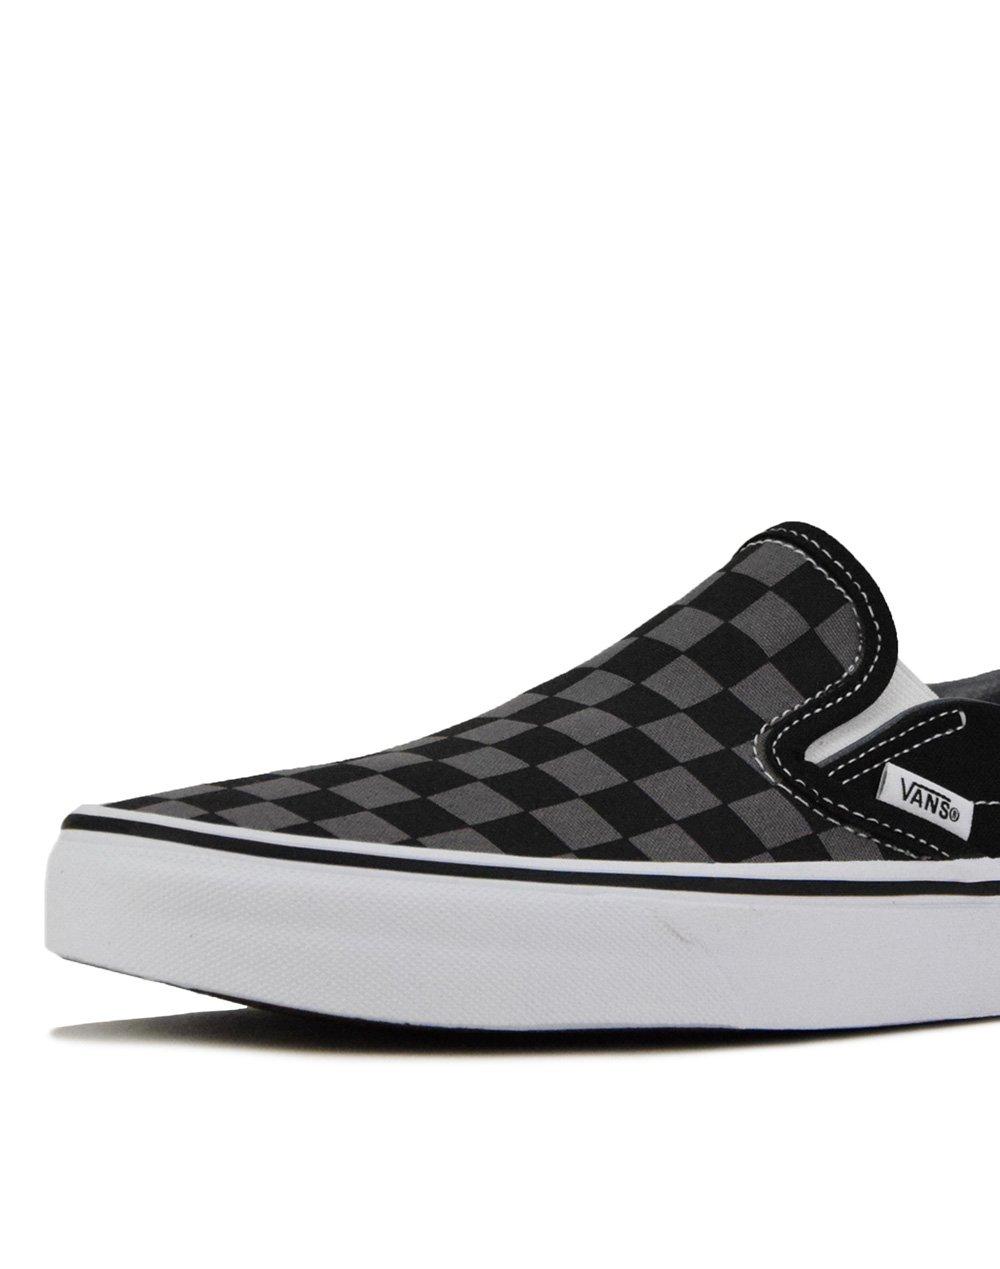 Vans Classic Slip-On (VN000EYEBPJ1) Black/Pewter Checkerboard